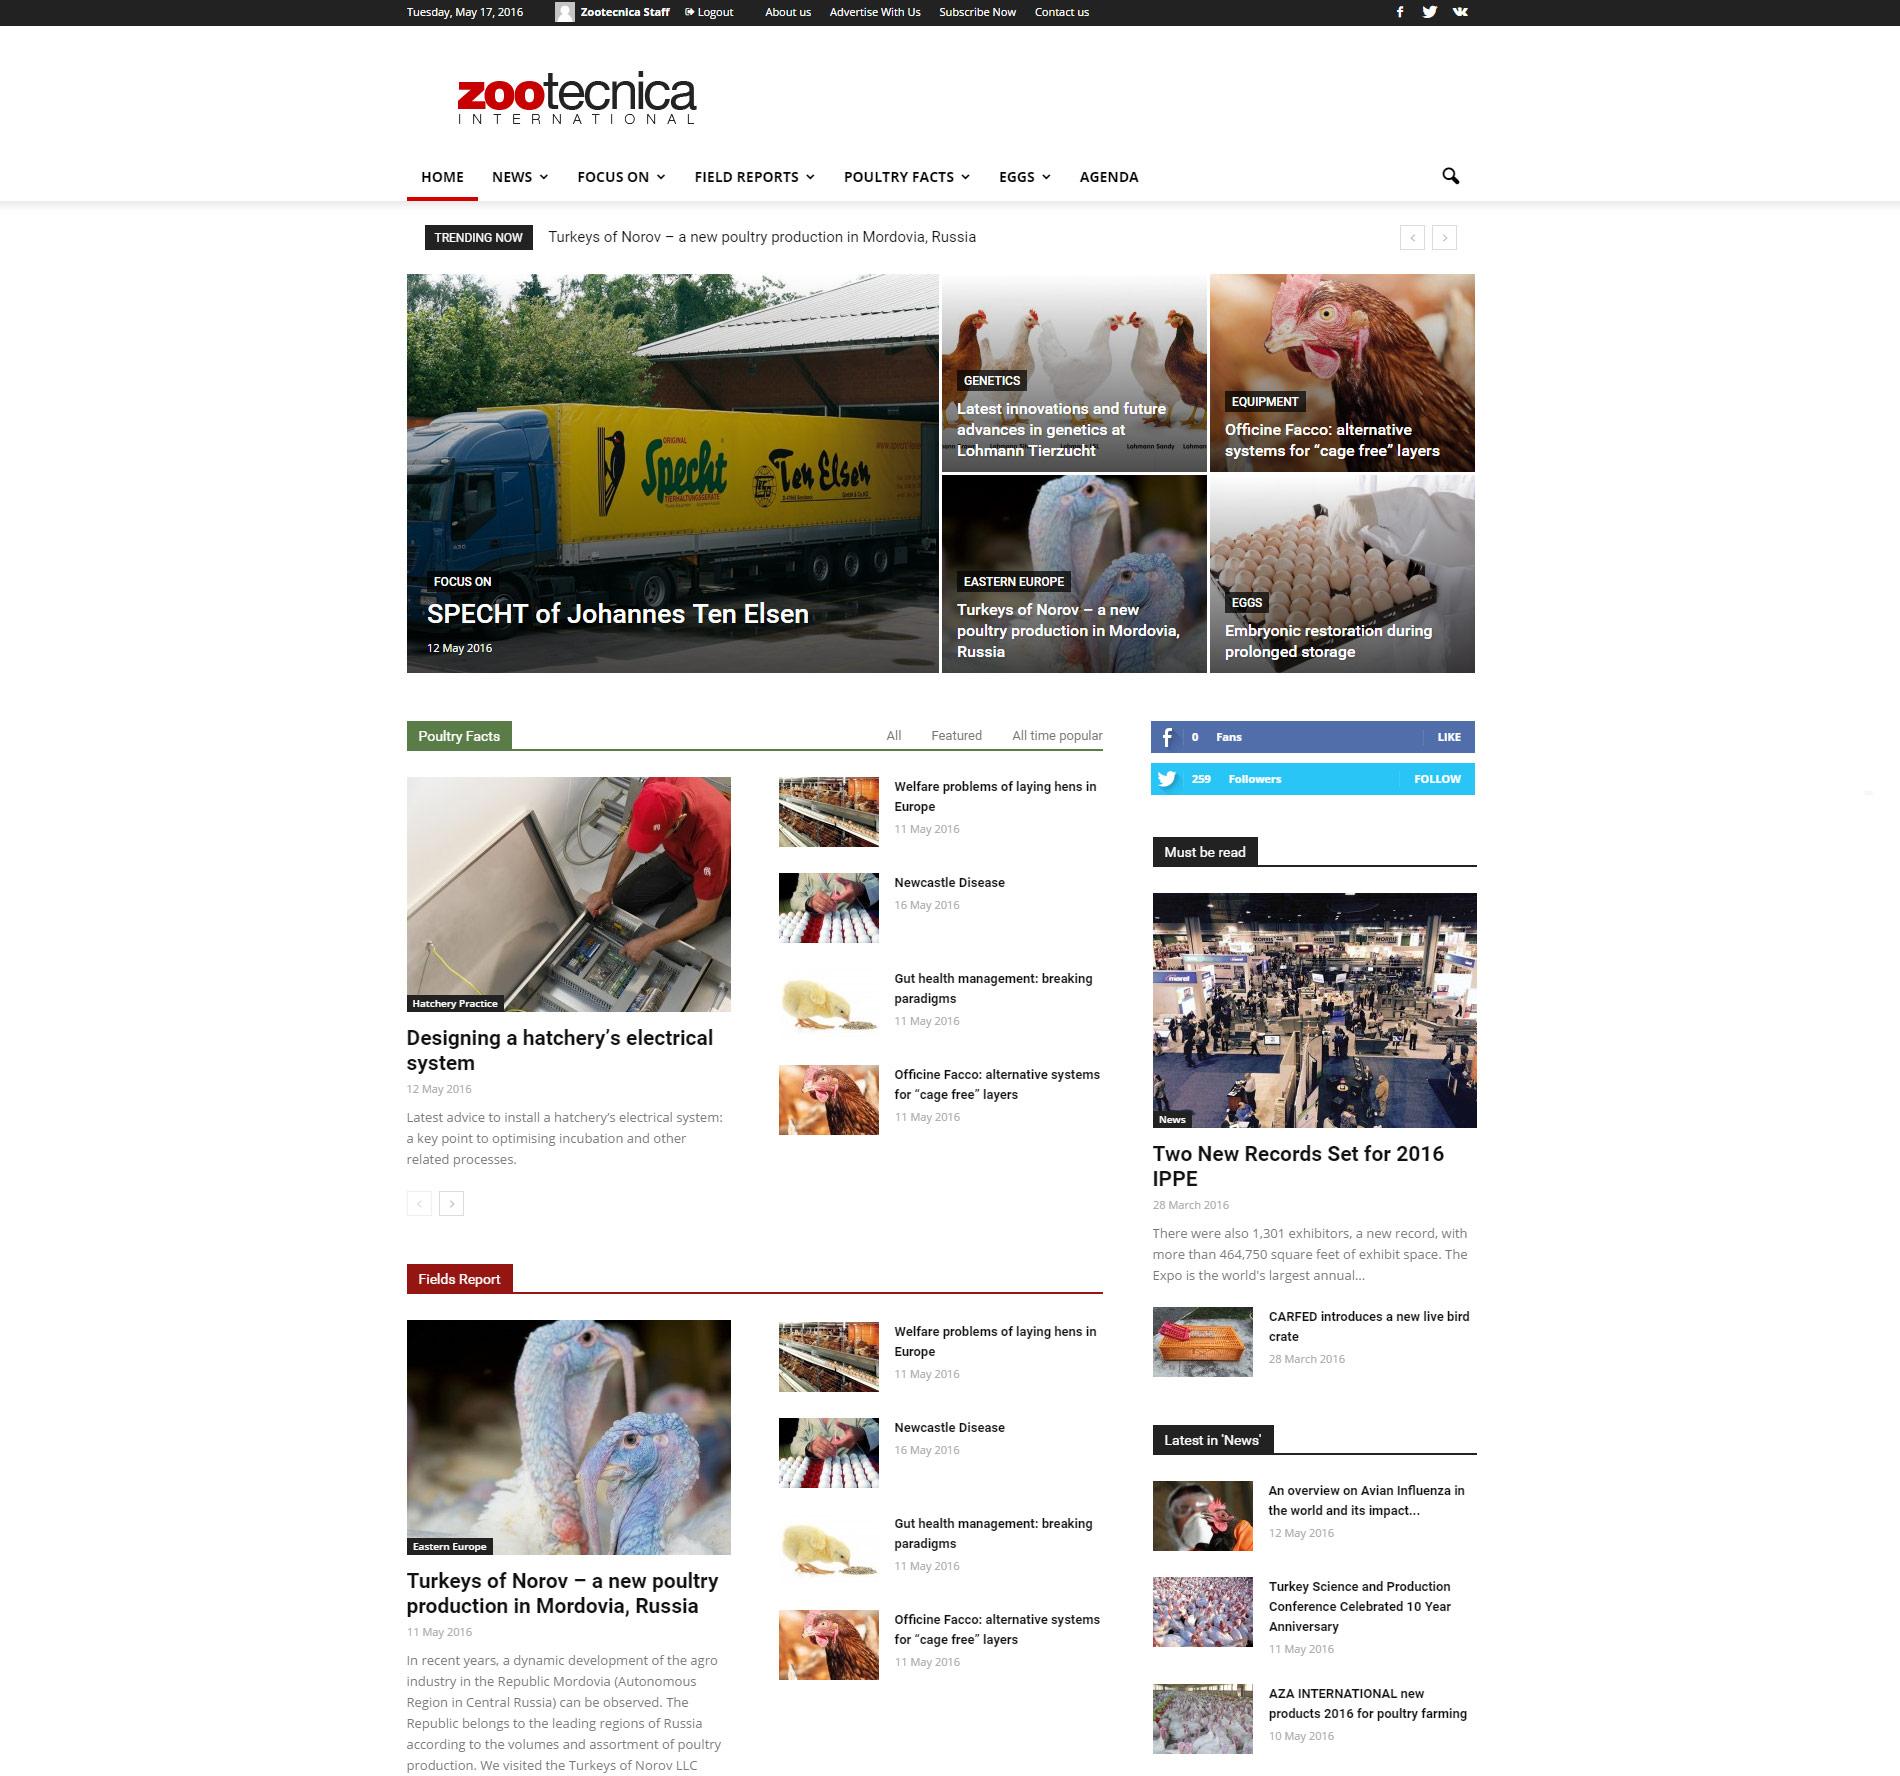 zootecnica-website